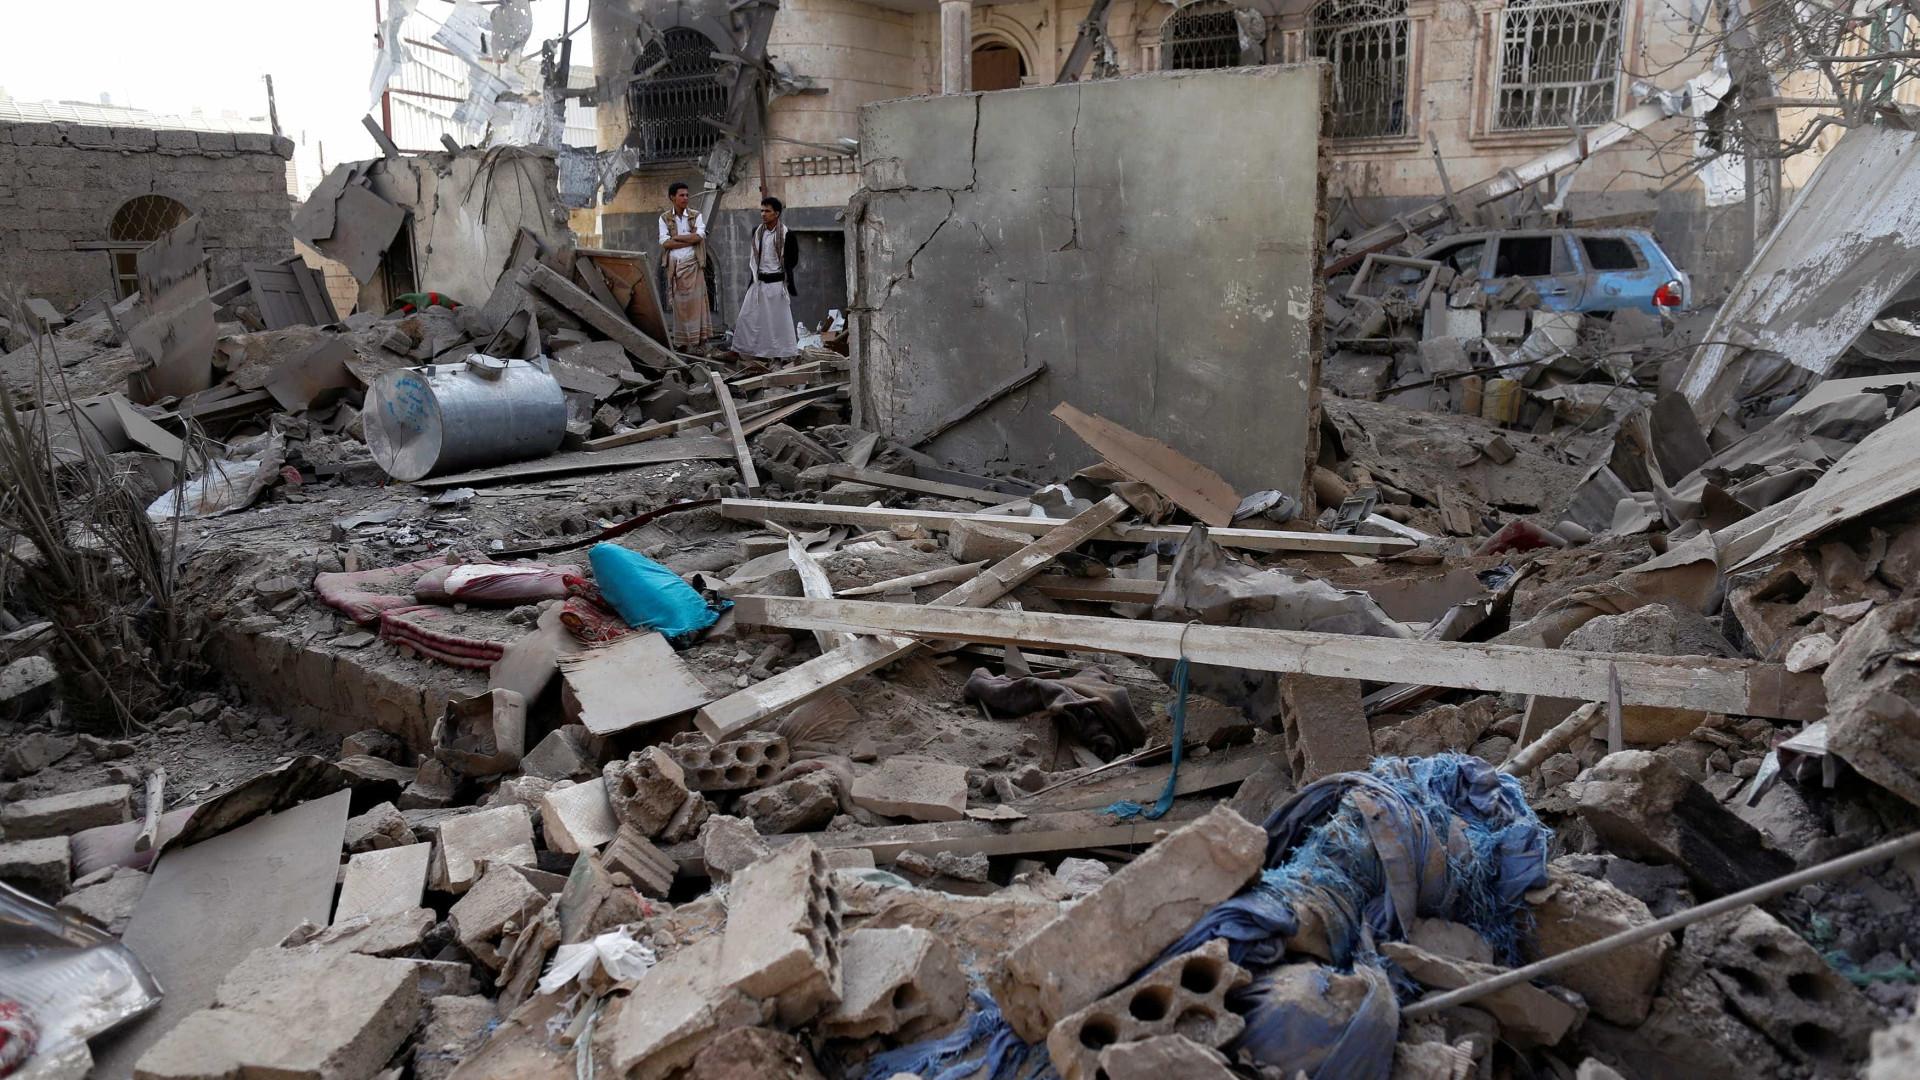 Ataque aéreo atinge mercado e  deixa ao menos 25 mortos no Iêmen